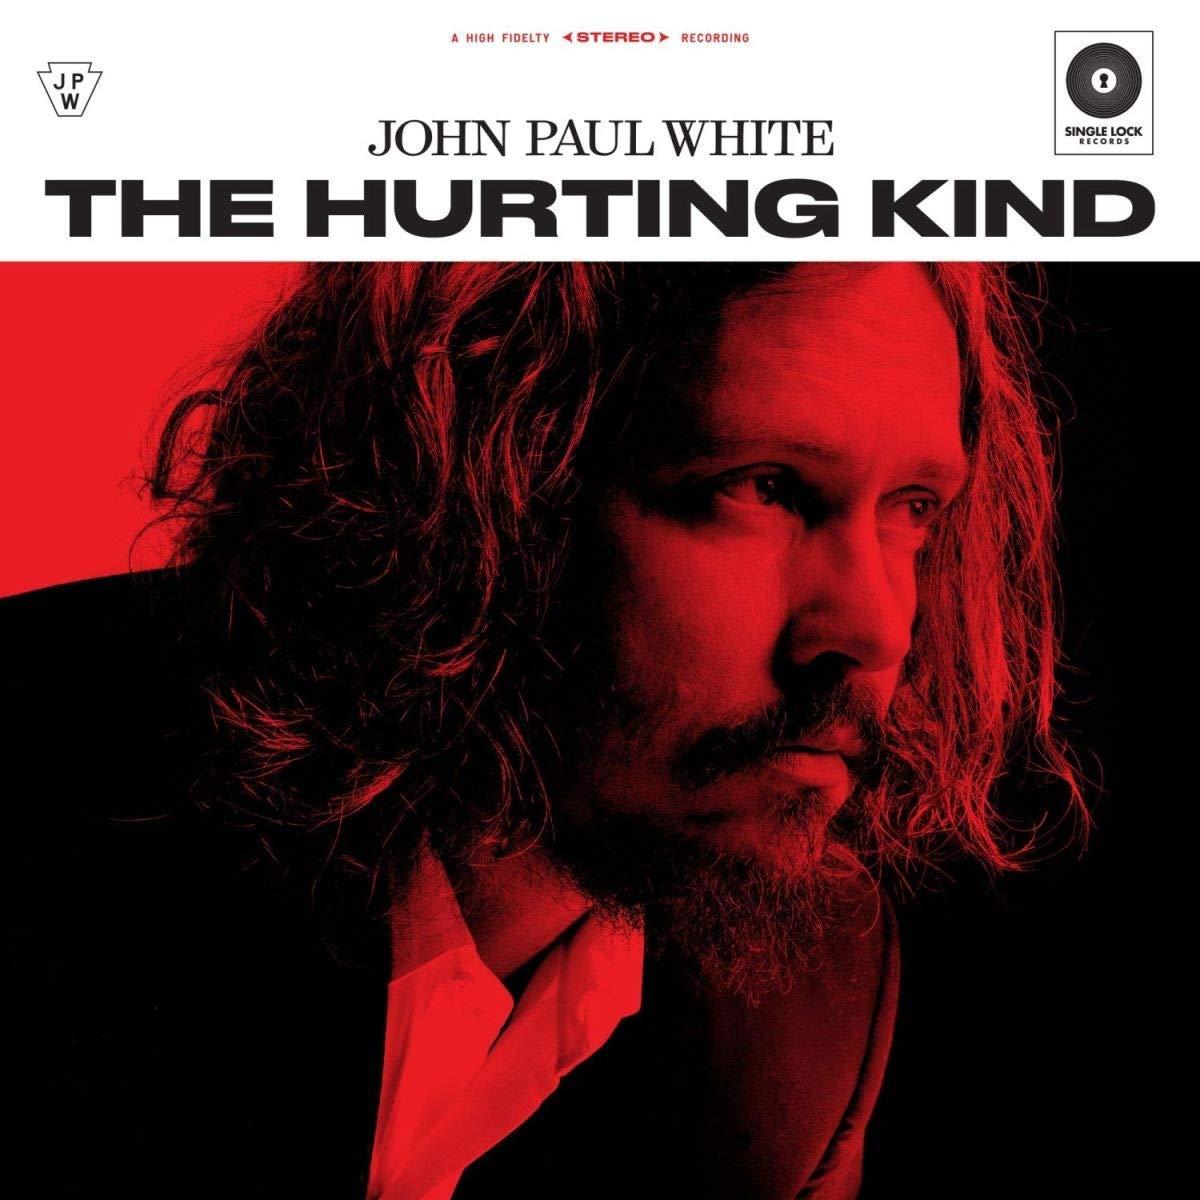 John Paul White